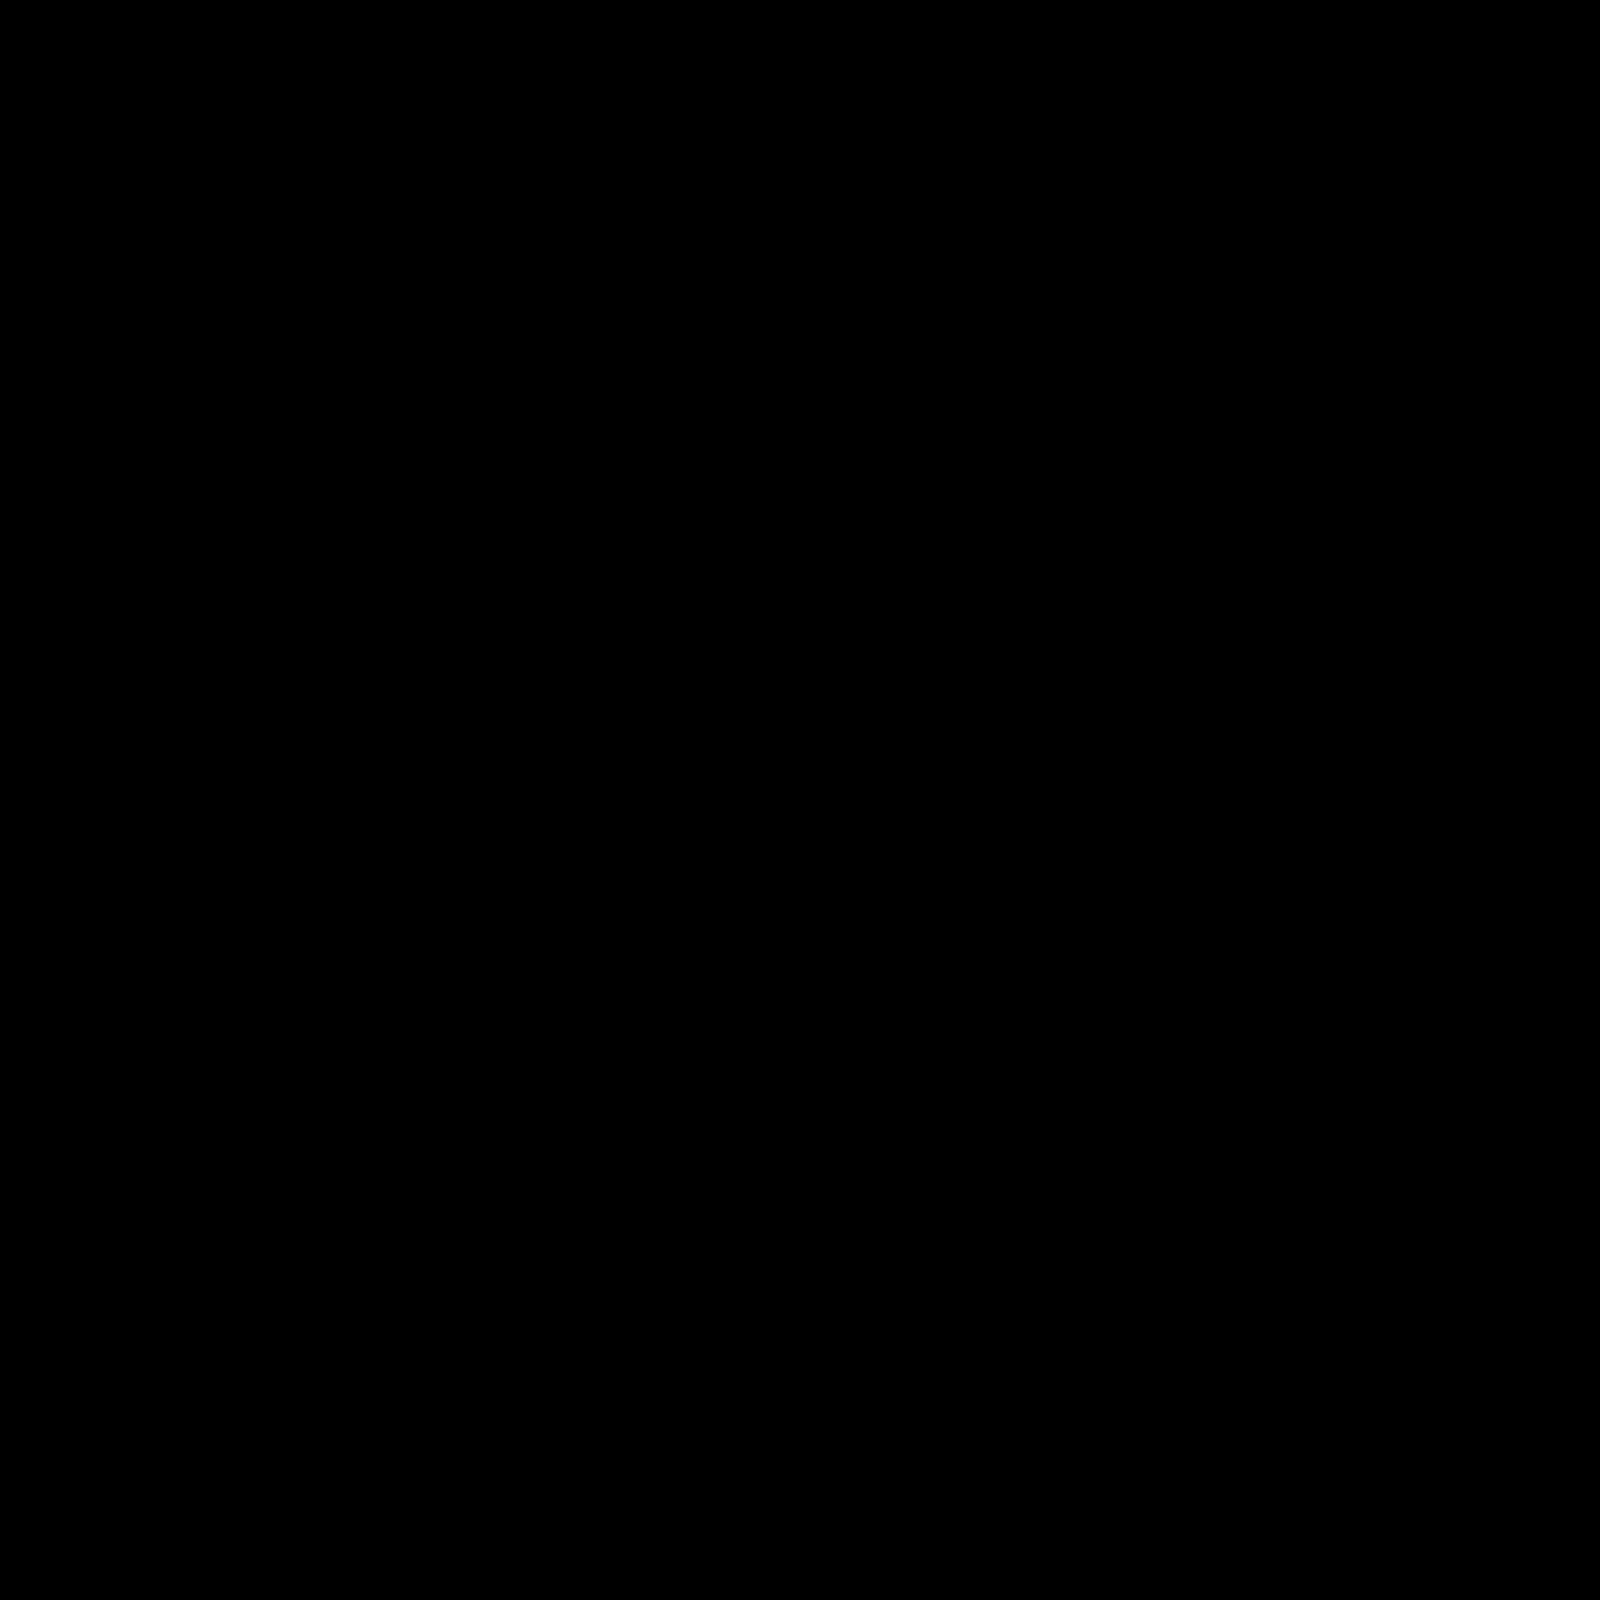 标记为喜欢 icon